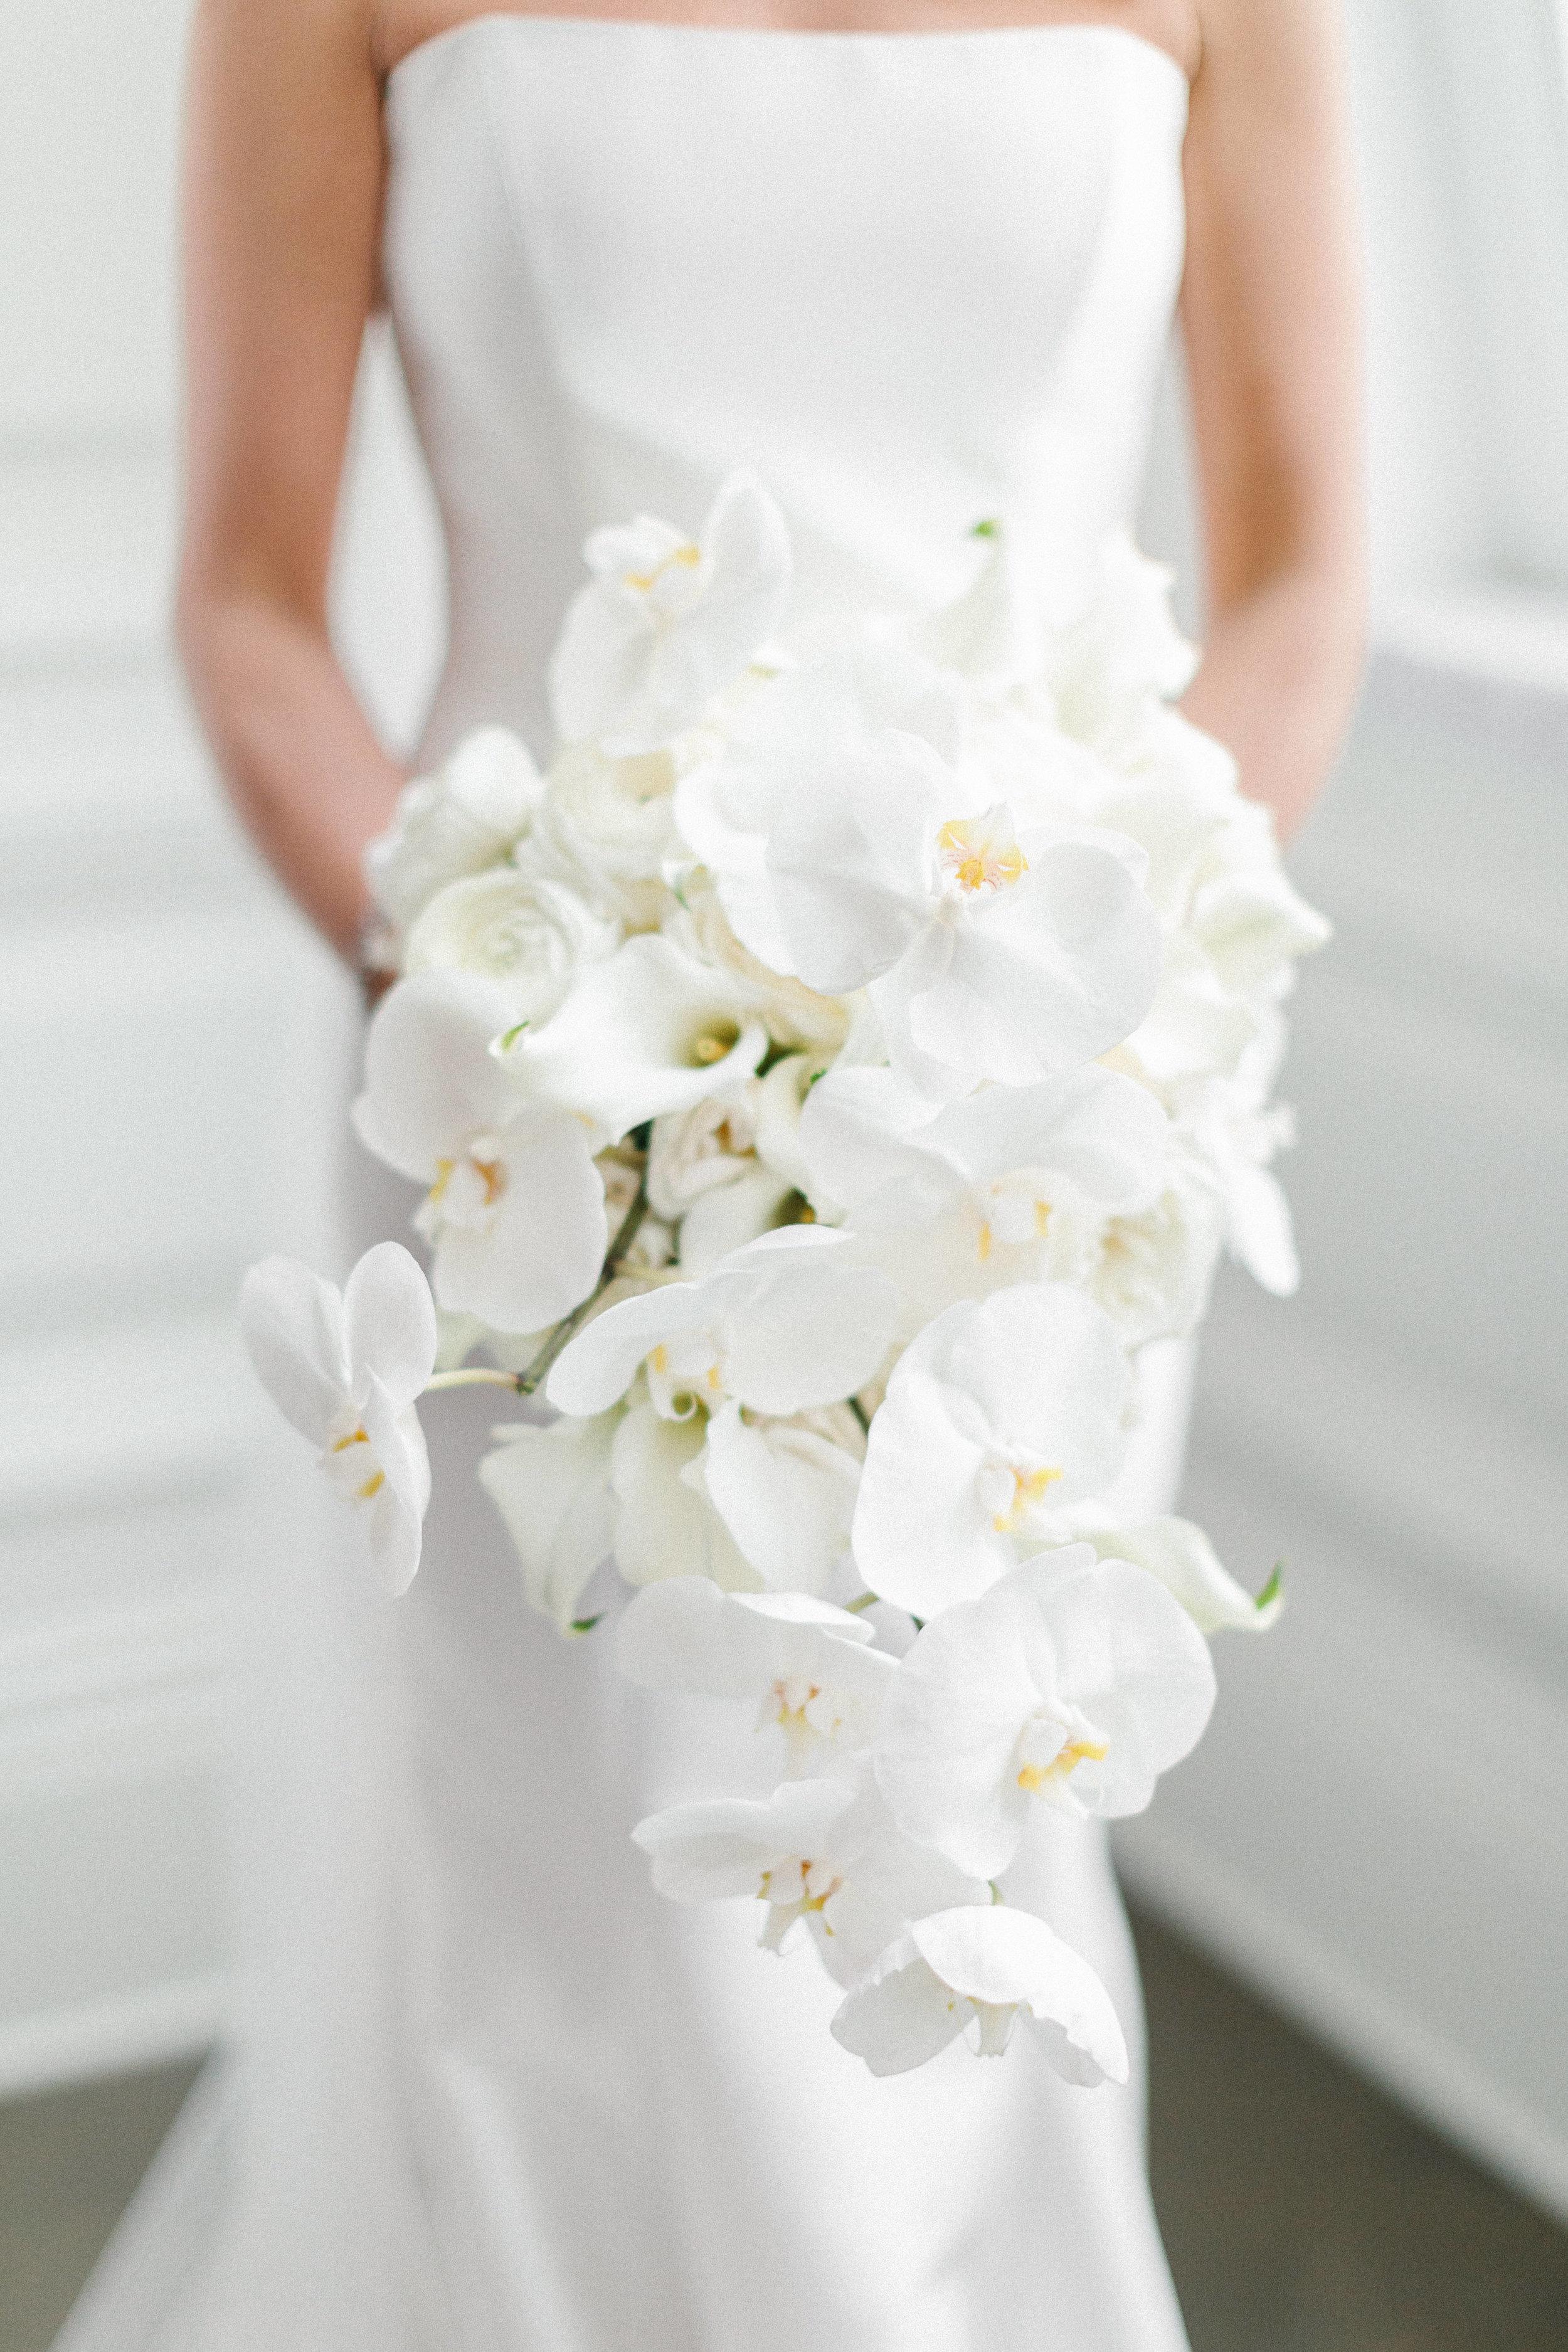 Portraits - Adolphus Wedding - Dallas Wedding Planner - Allday Events - 45.jpg